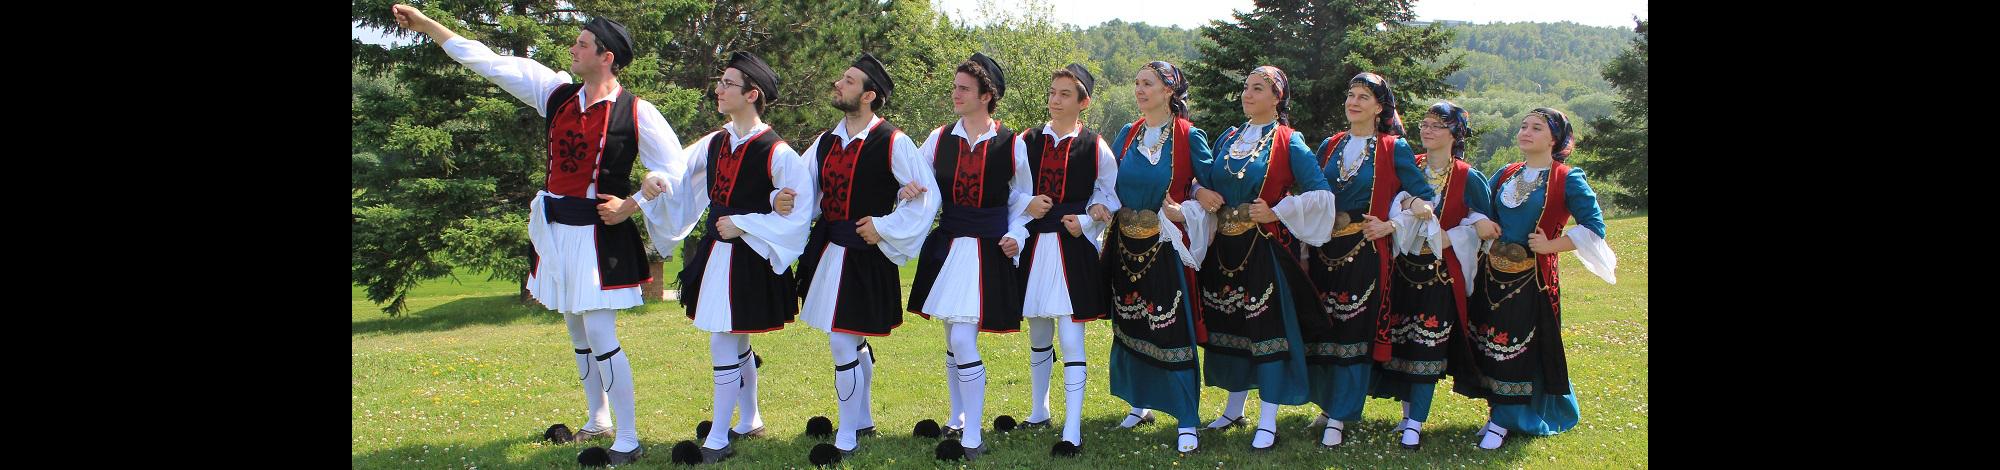 The Greek Dancers of Minnesota – ΟΙ ΕΛΛΗΝΕΣ ΧΟΡΕΥΤΕΣ